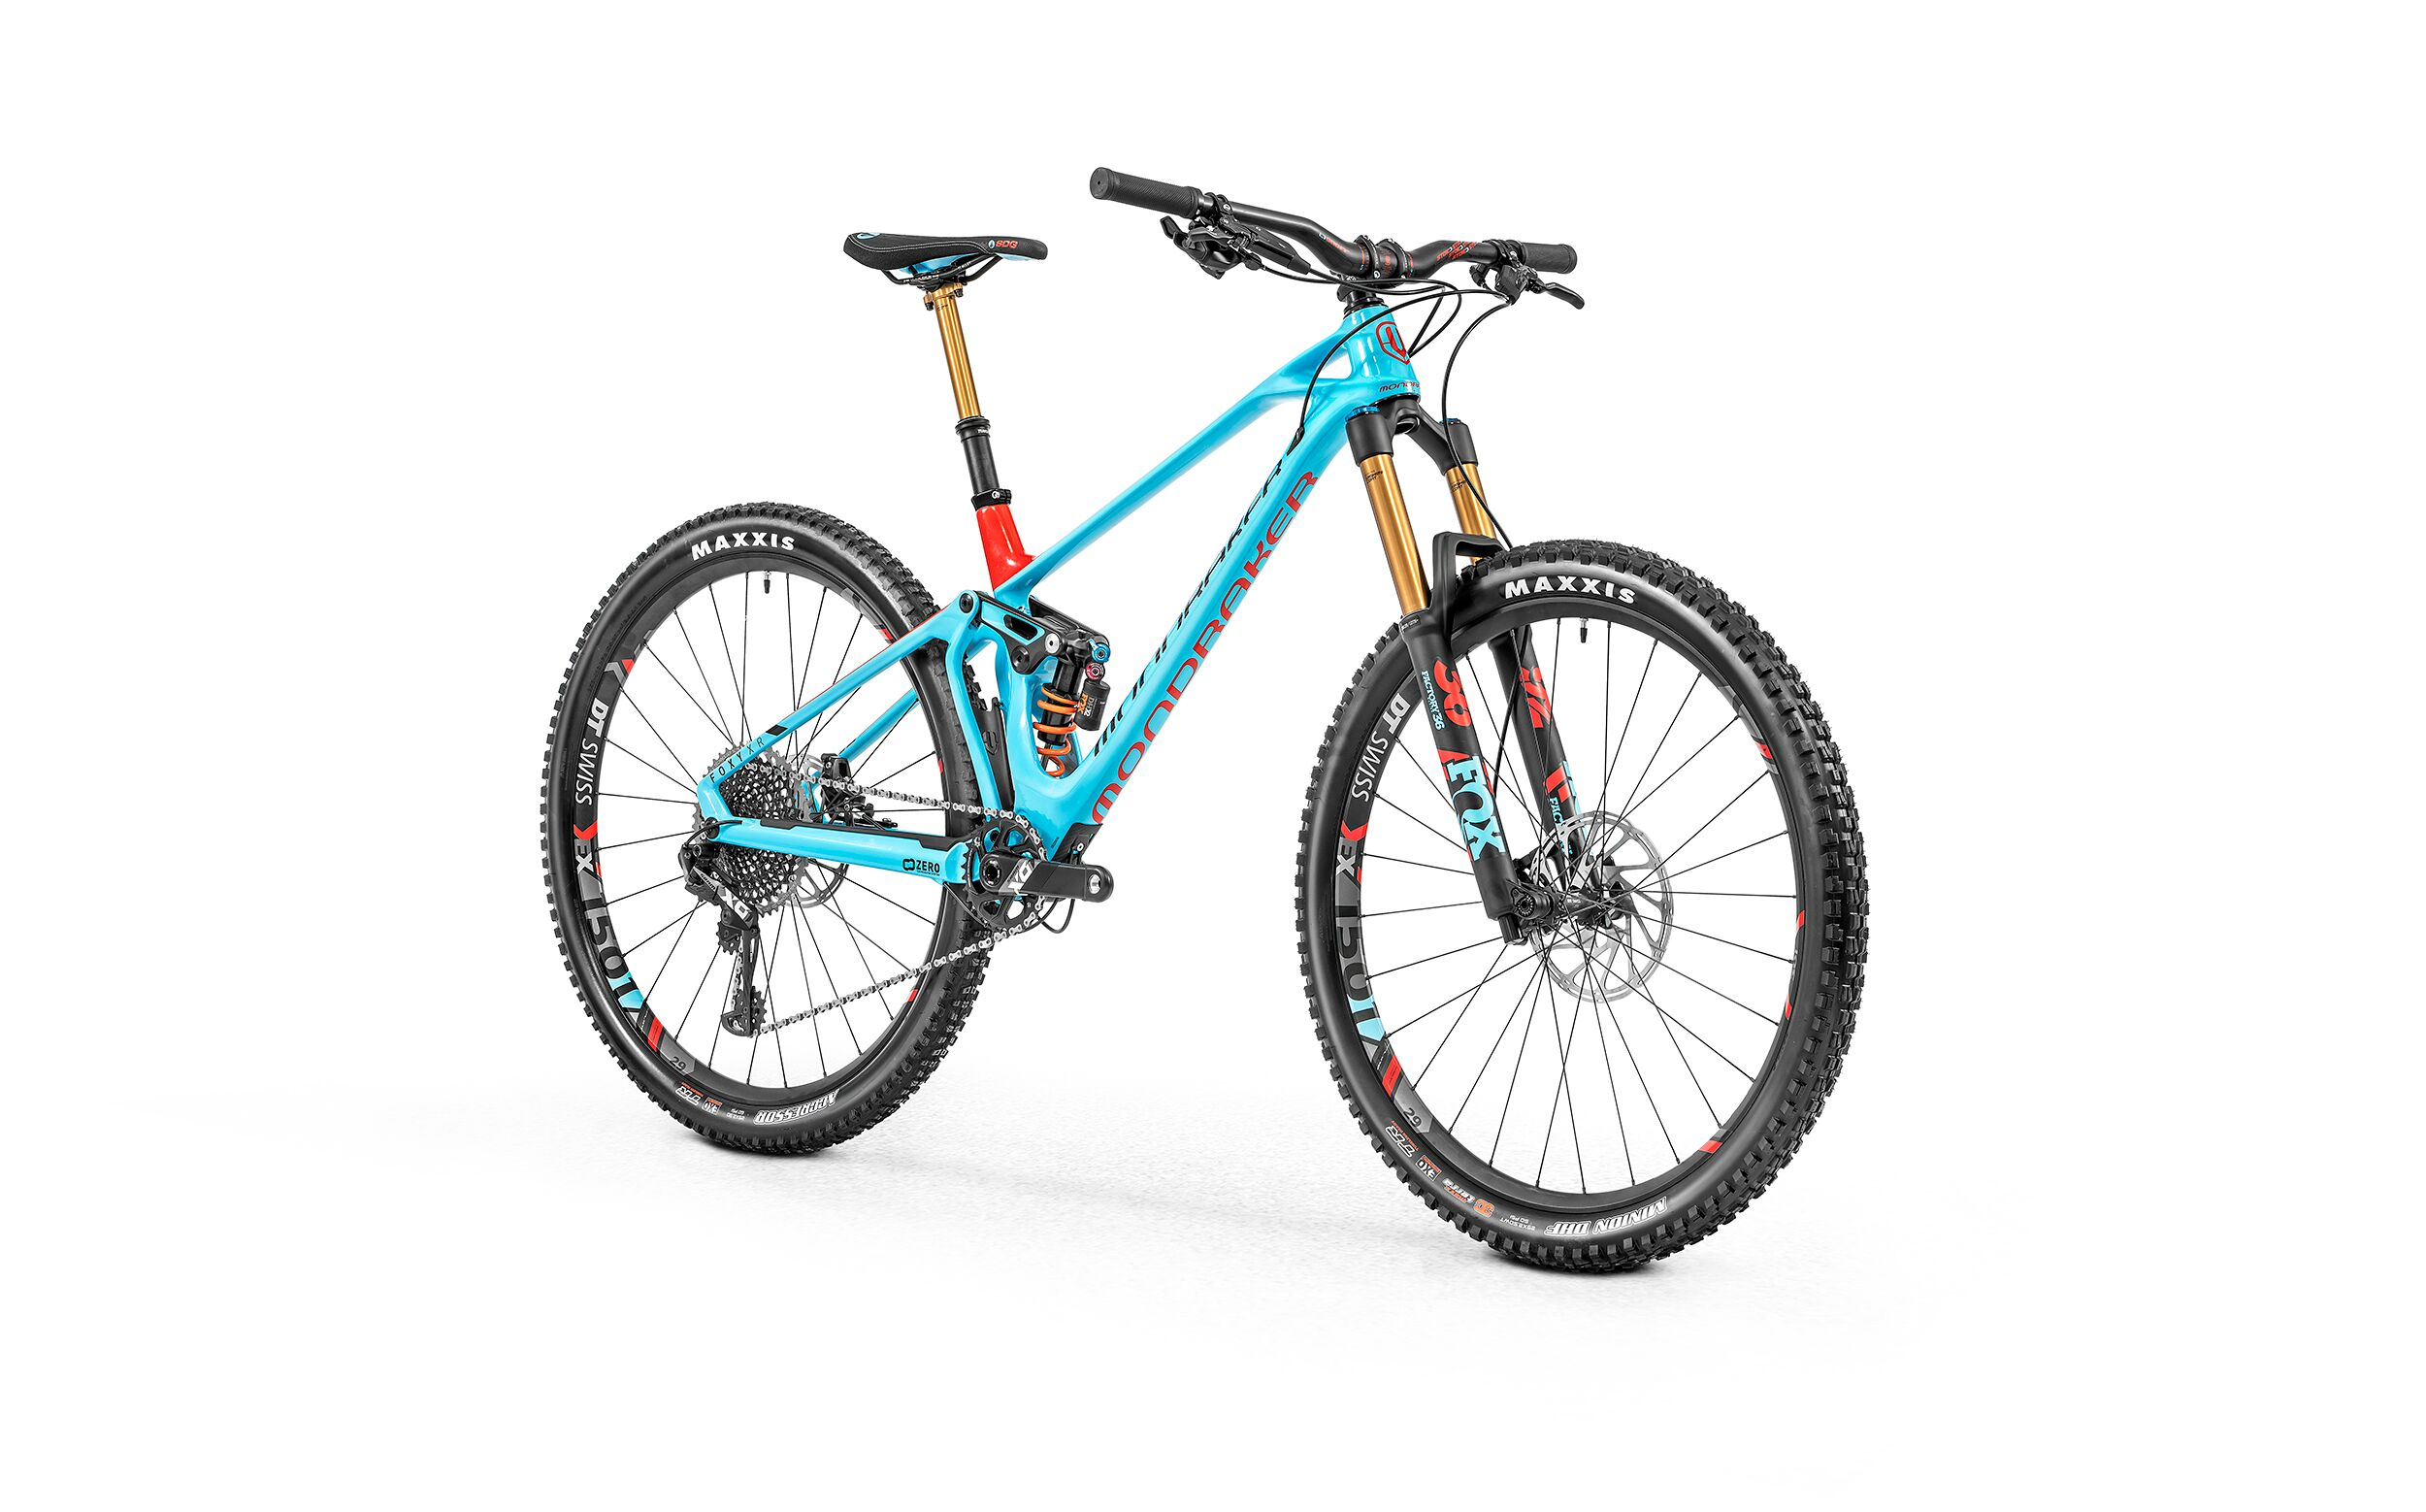 Mondraker Foxy Carbon Xr 29 All Mountain Enduro Bike